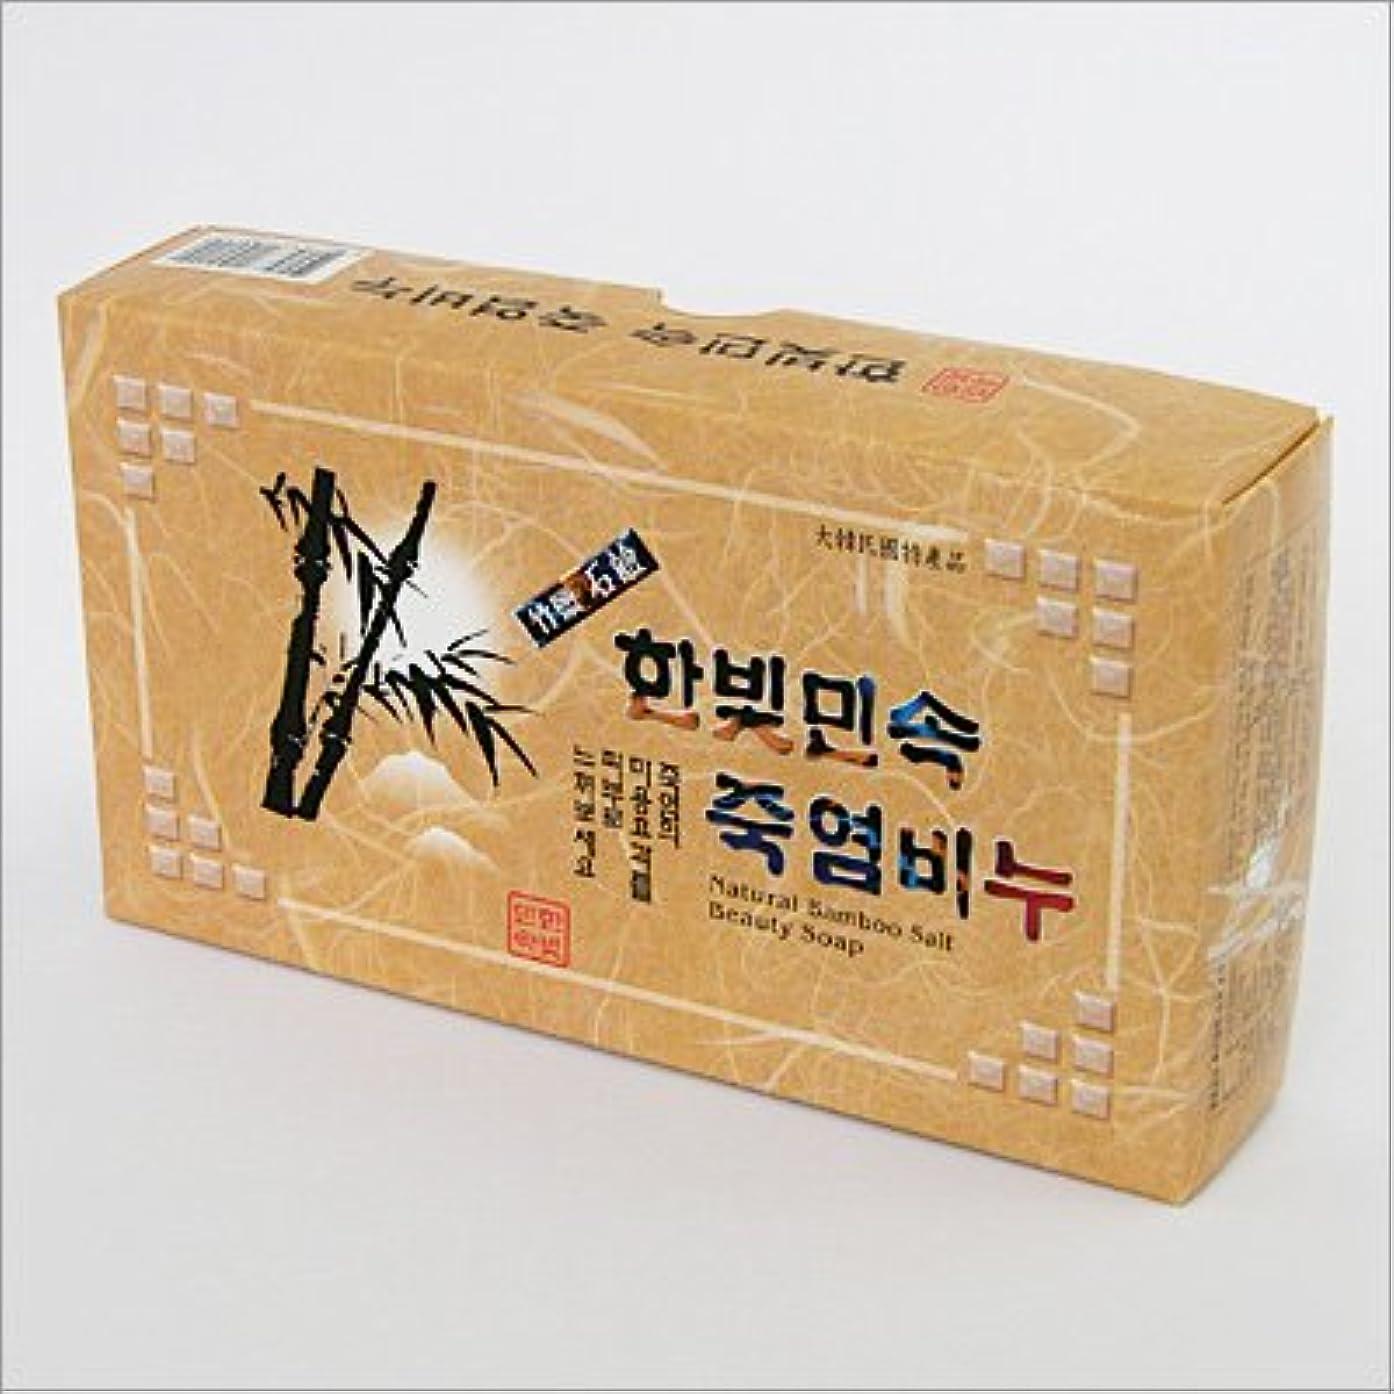 舗装する気配りのある火薬(韓国ブランド) 韓国 竹塩石鹸(3個セット)